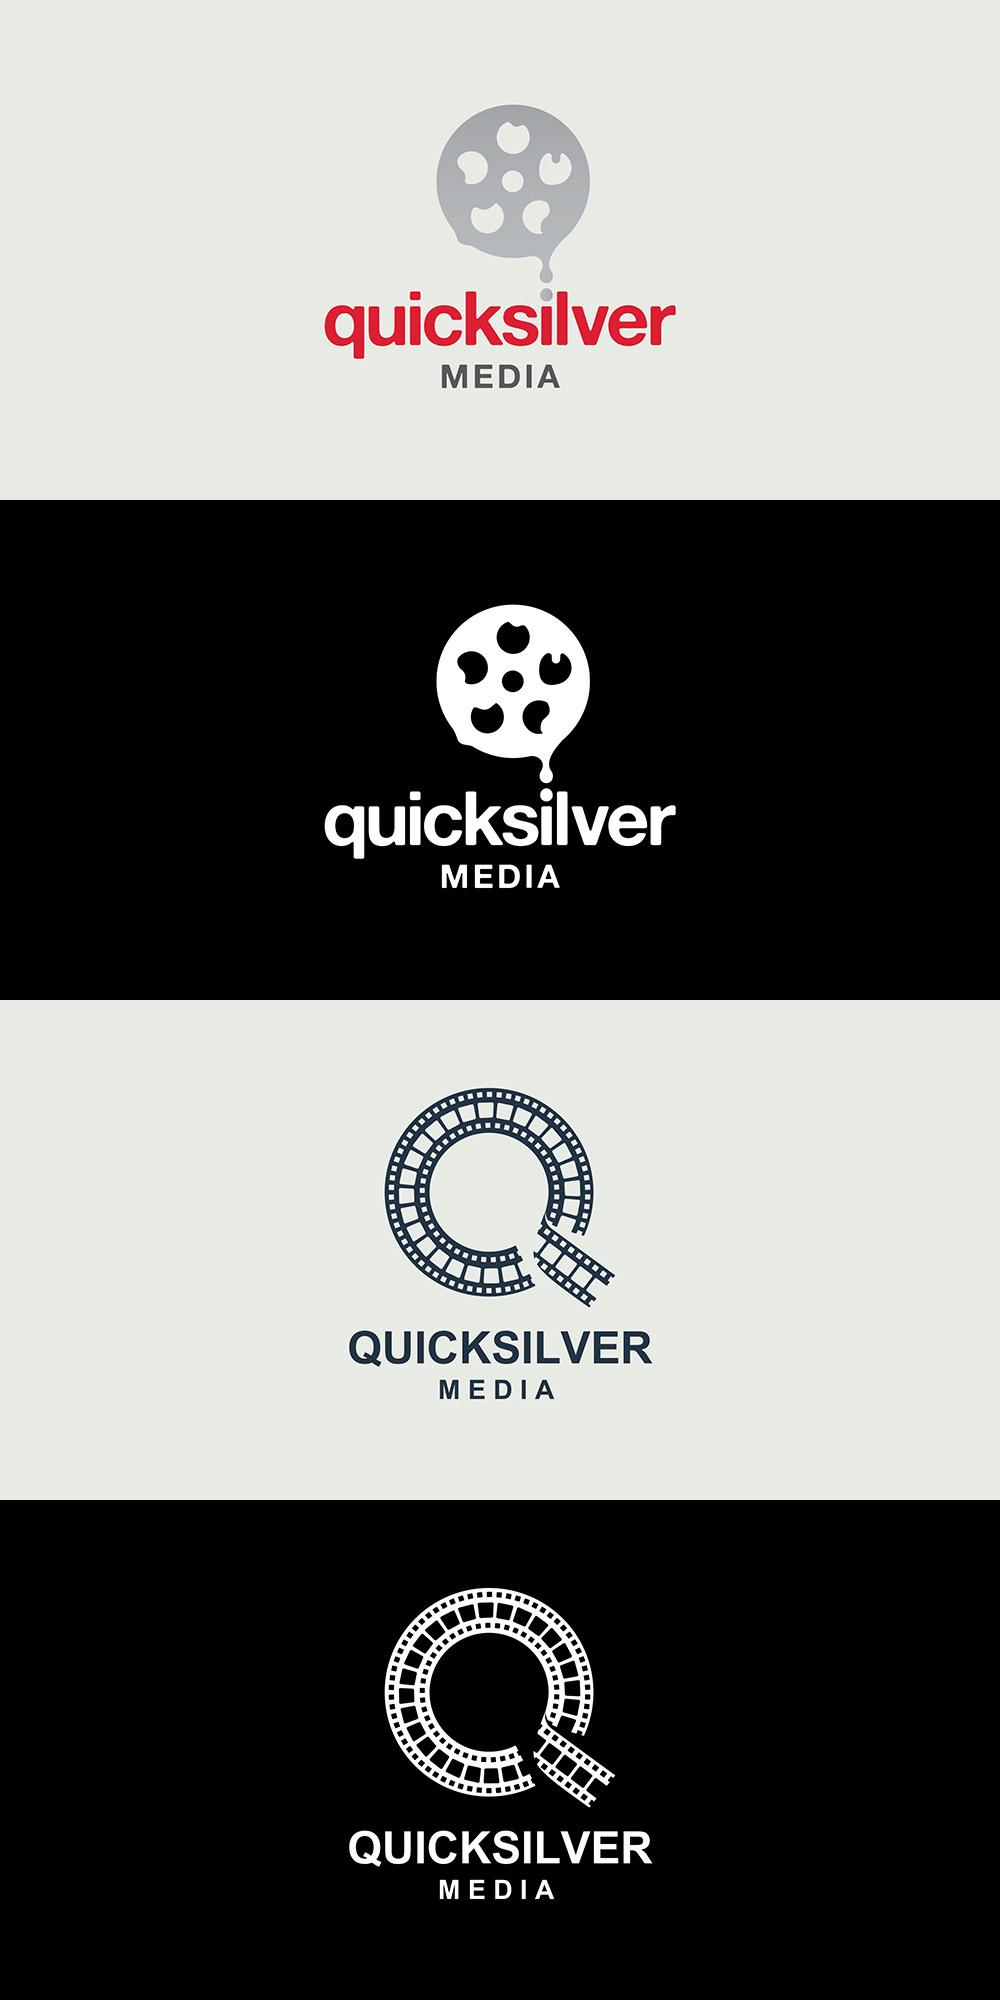 Quicksilver Media by samadarag